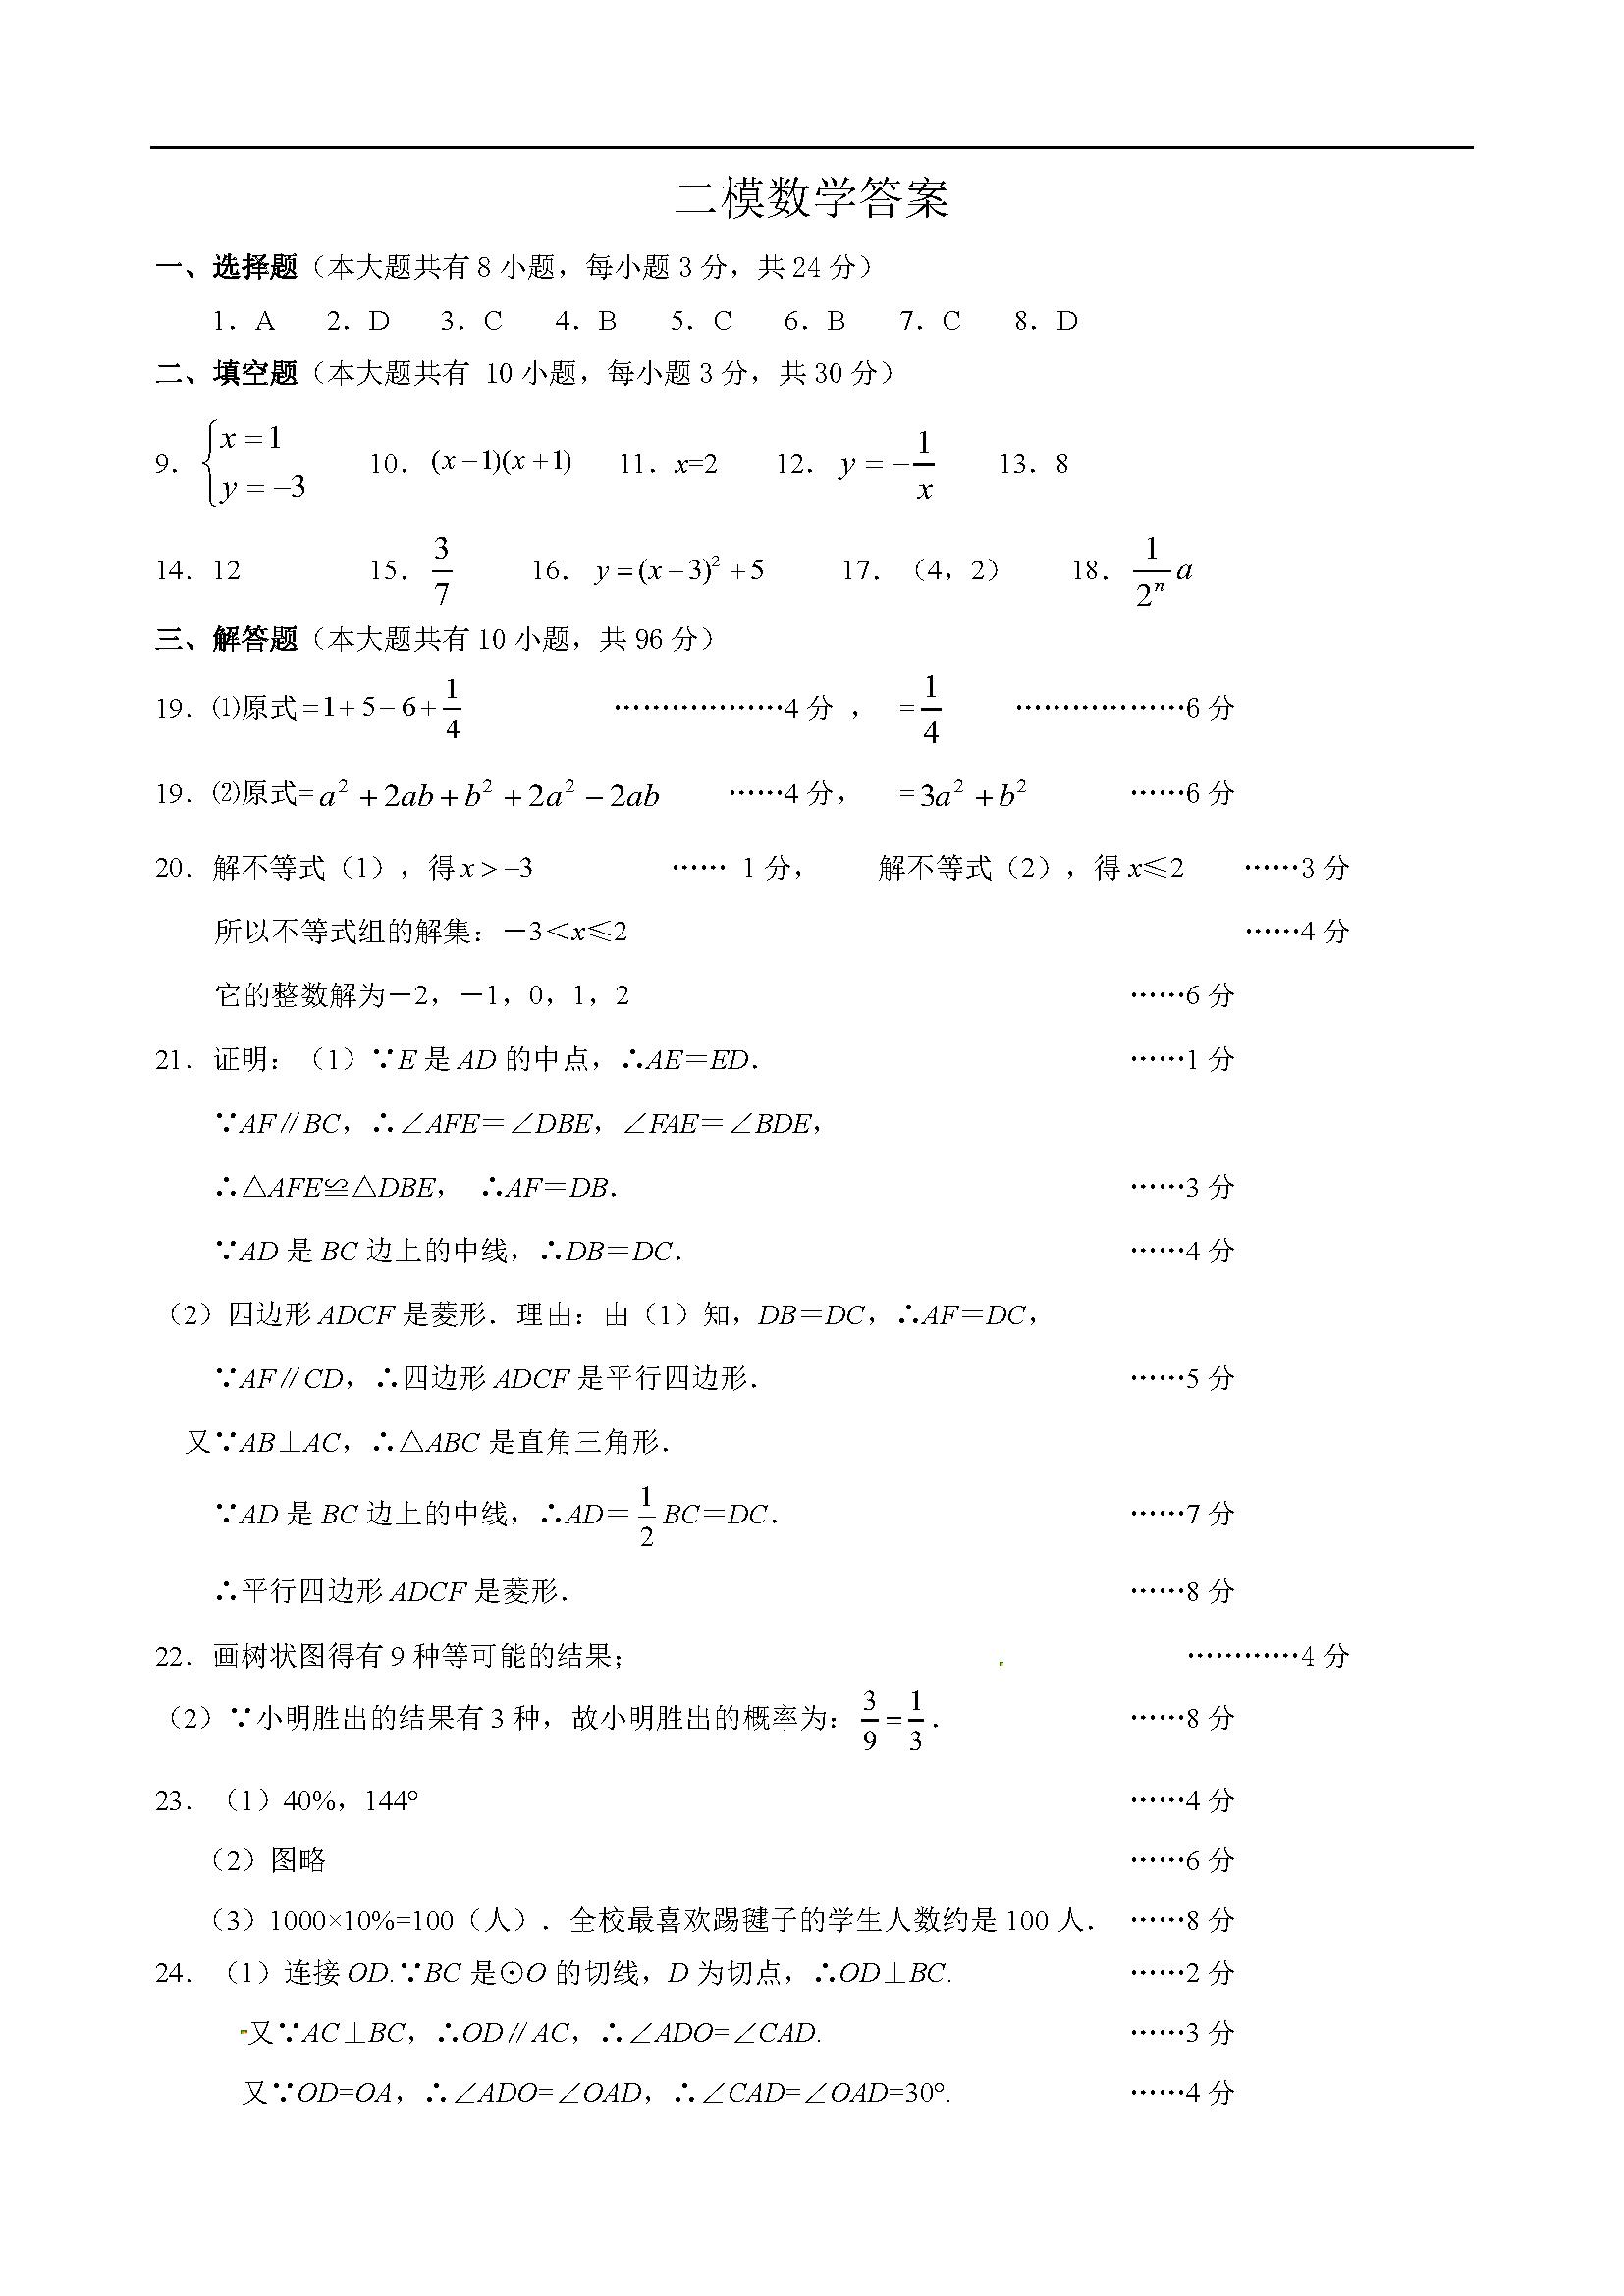 2017年江苏连云港灌云实验中学中考模拟数学试题二答案(Word版)